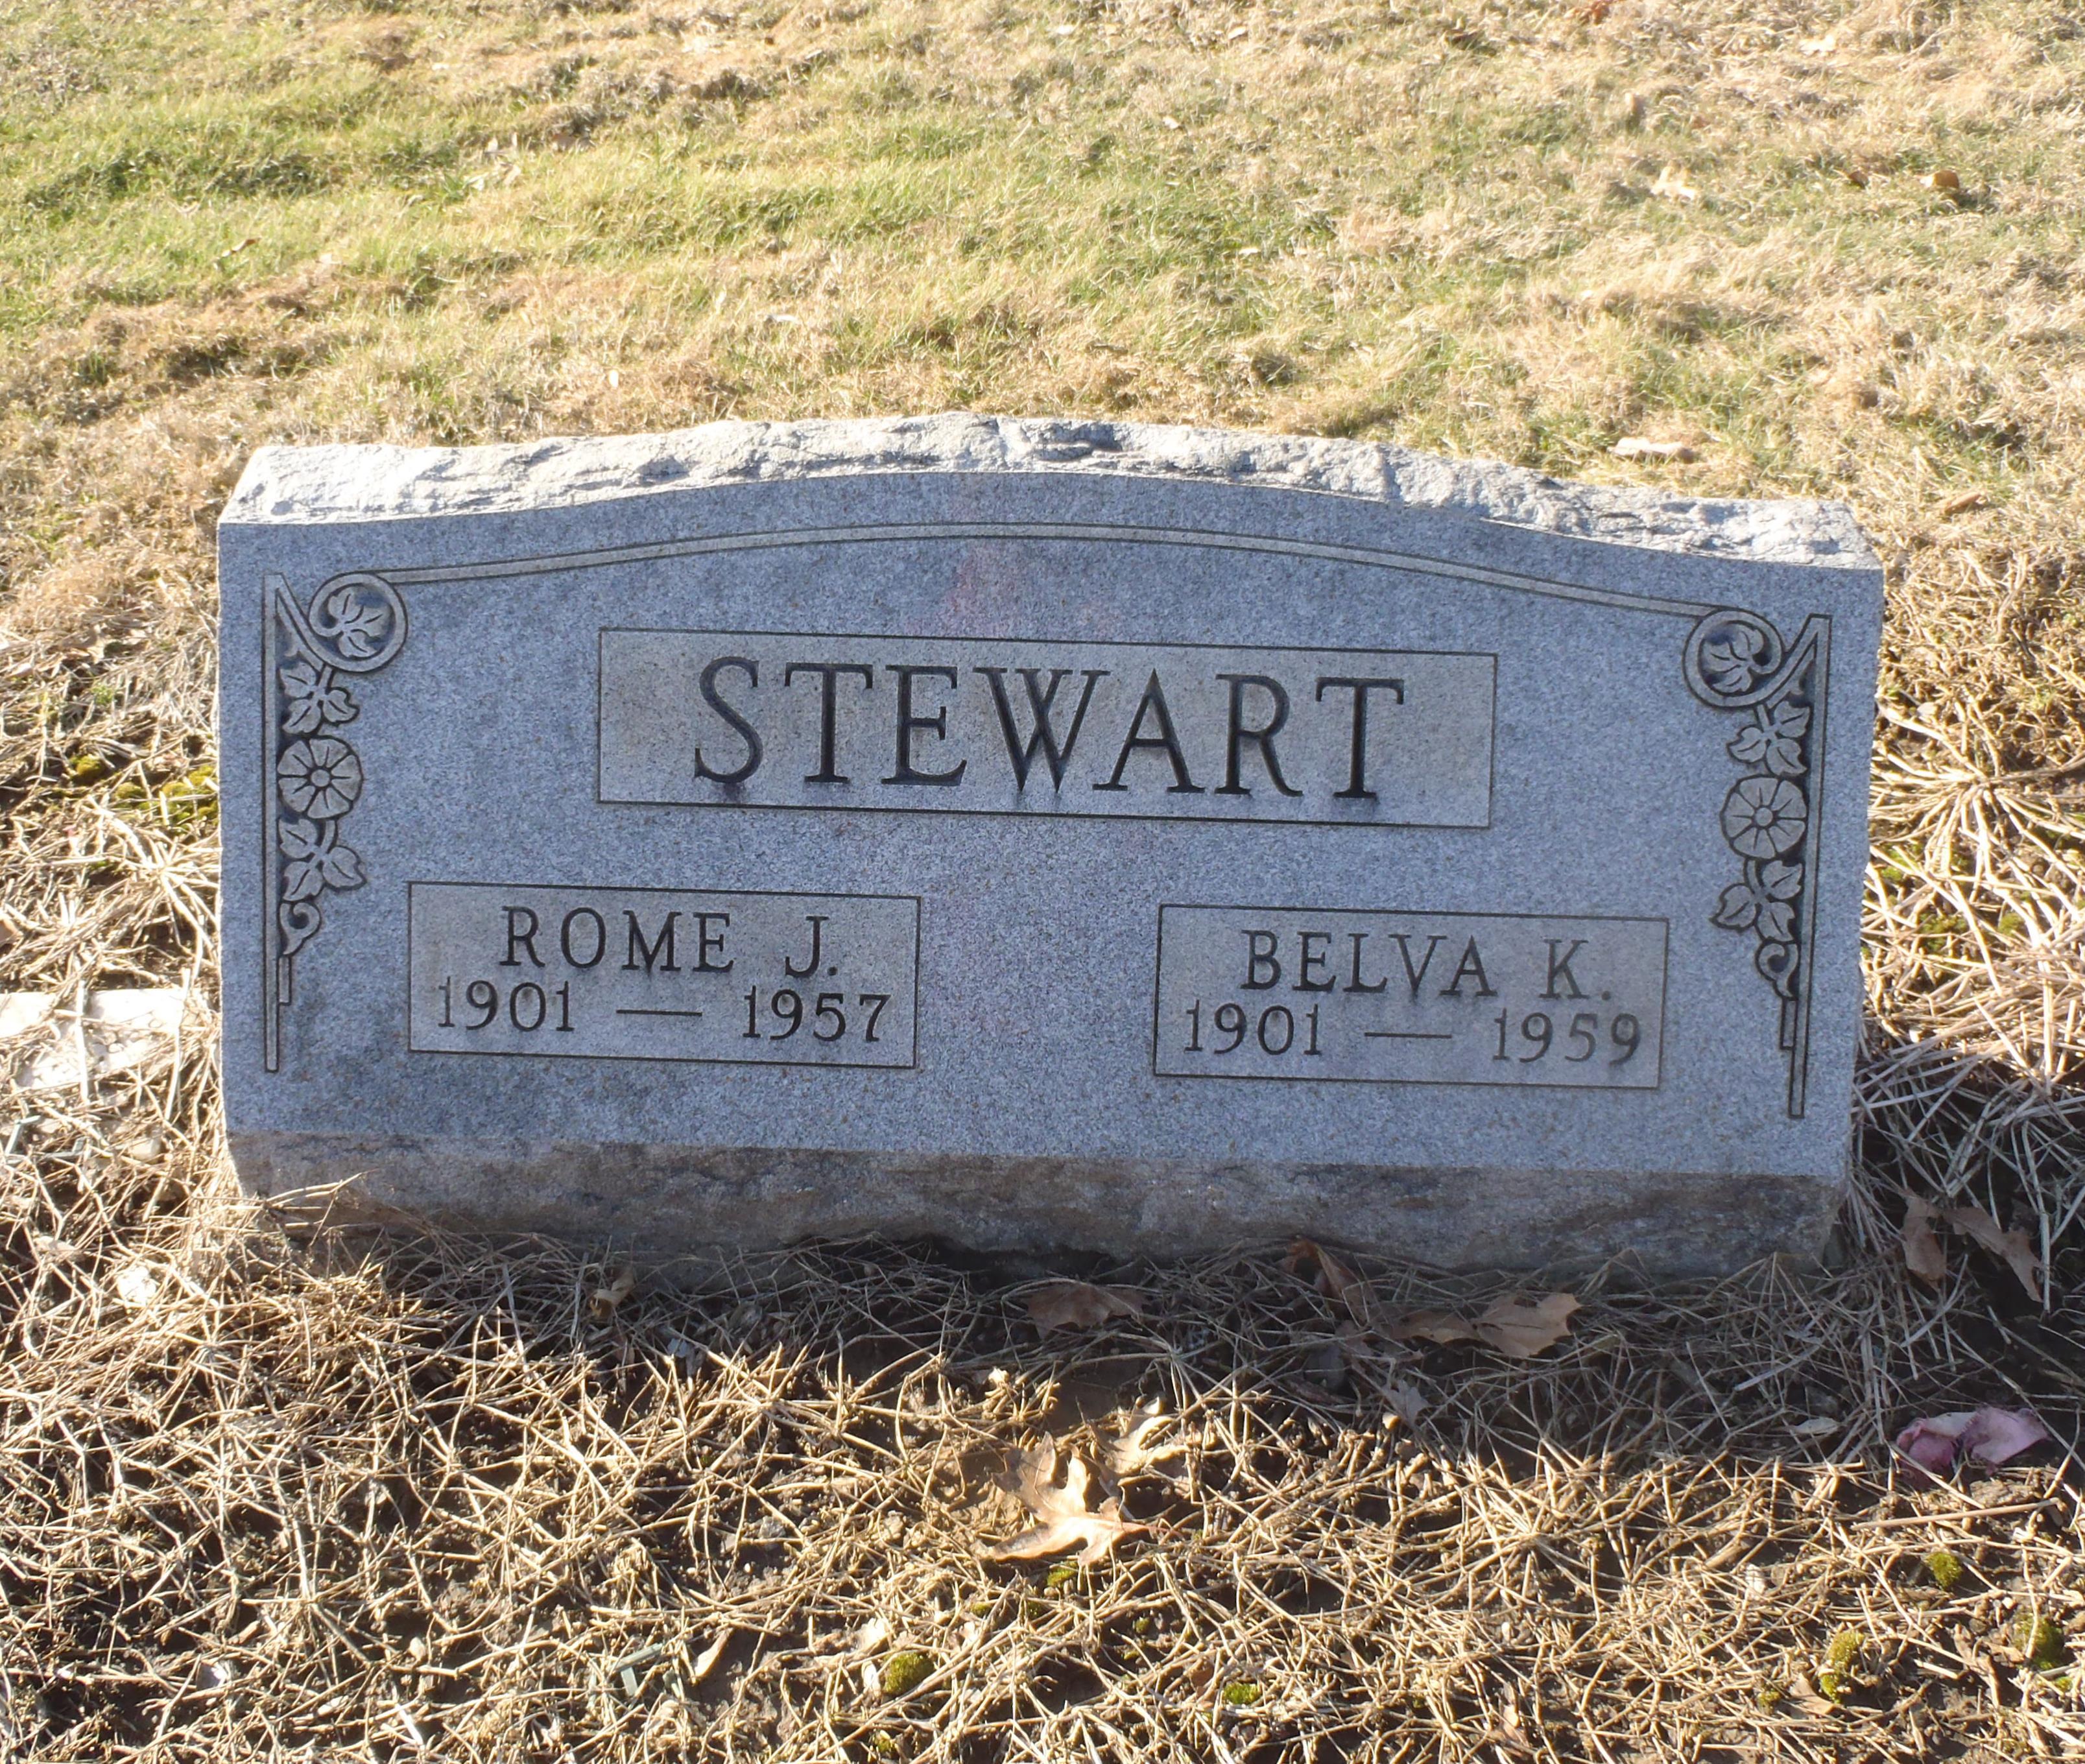 Rome John Stewart